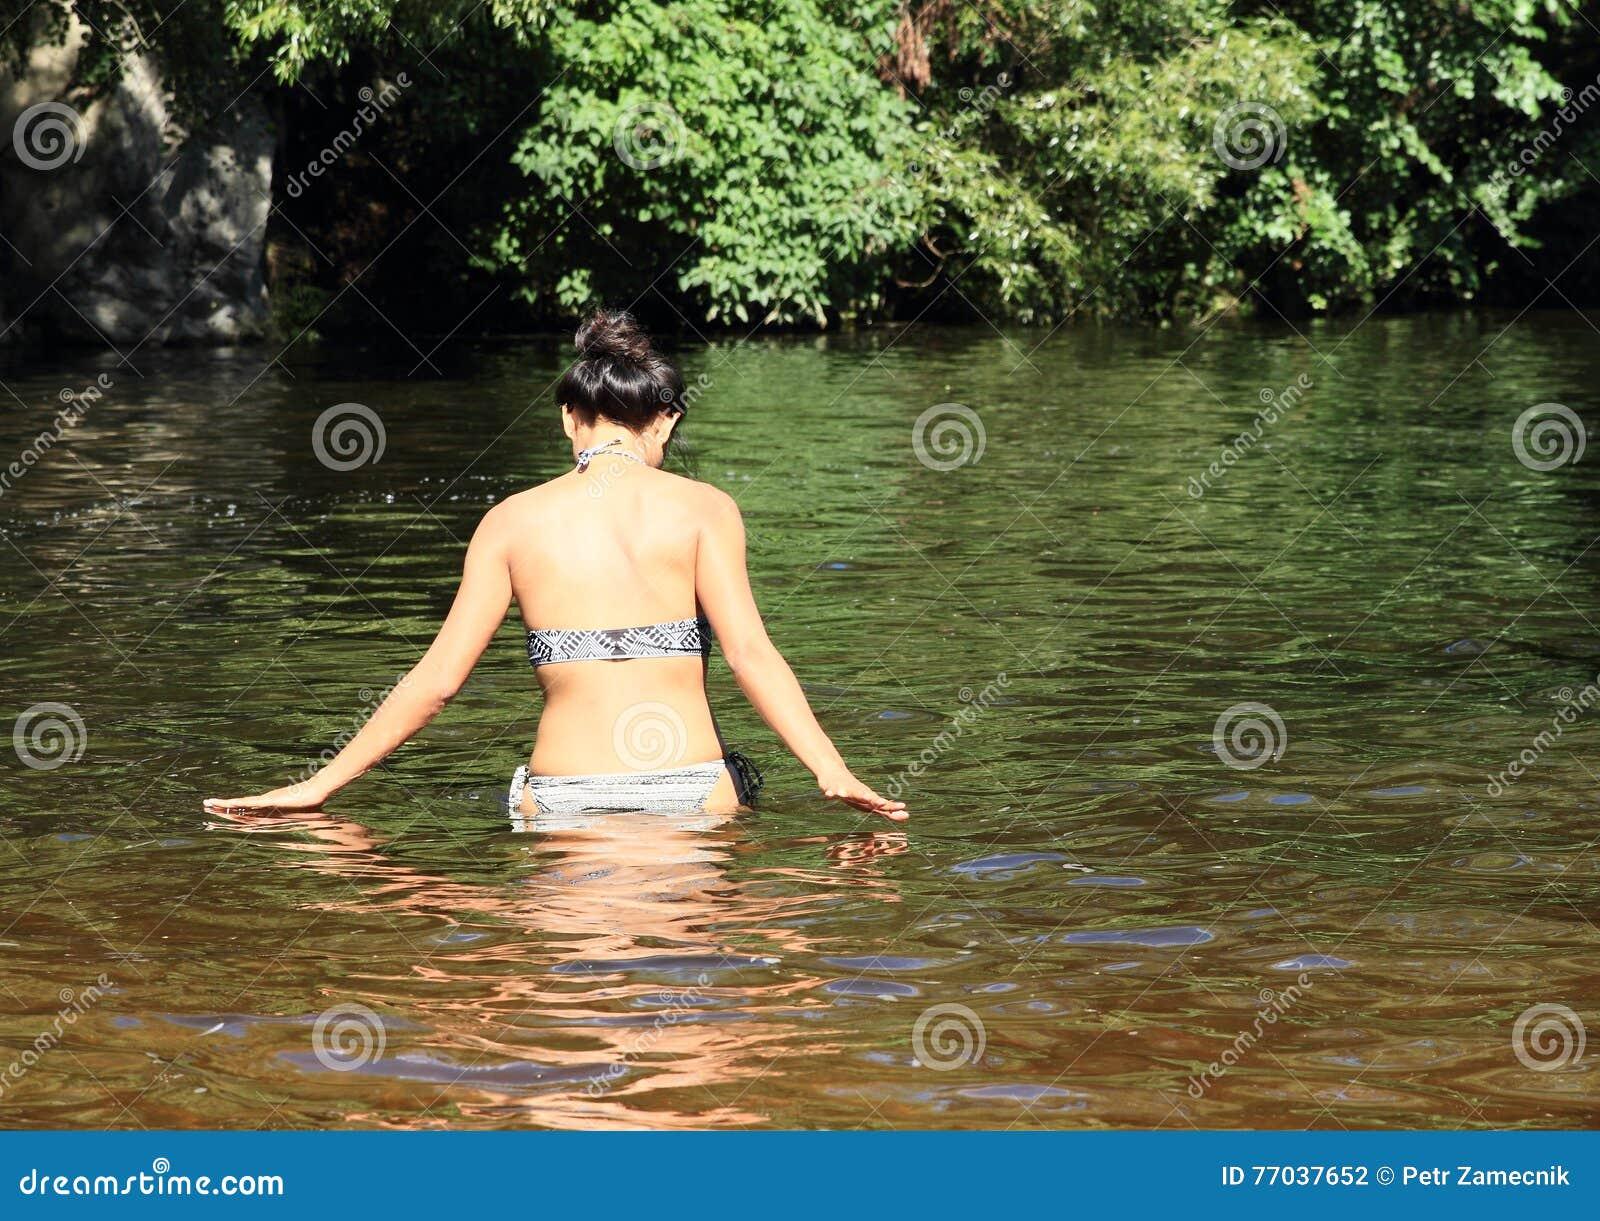 Работа на реке девушки модельный бизнес константиновск